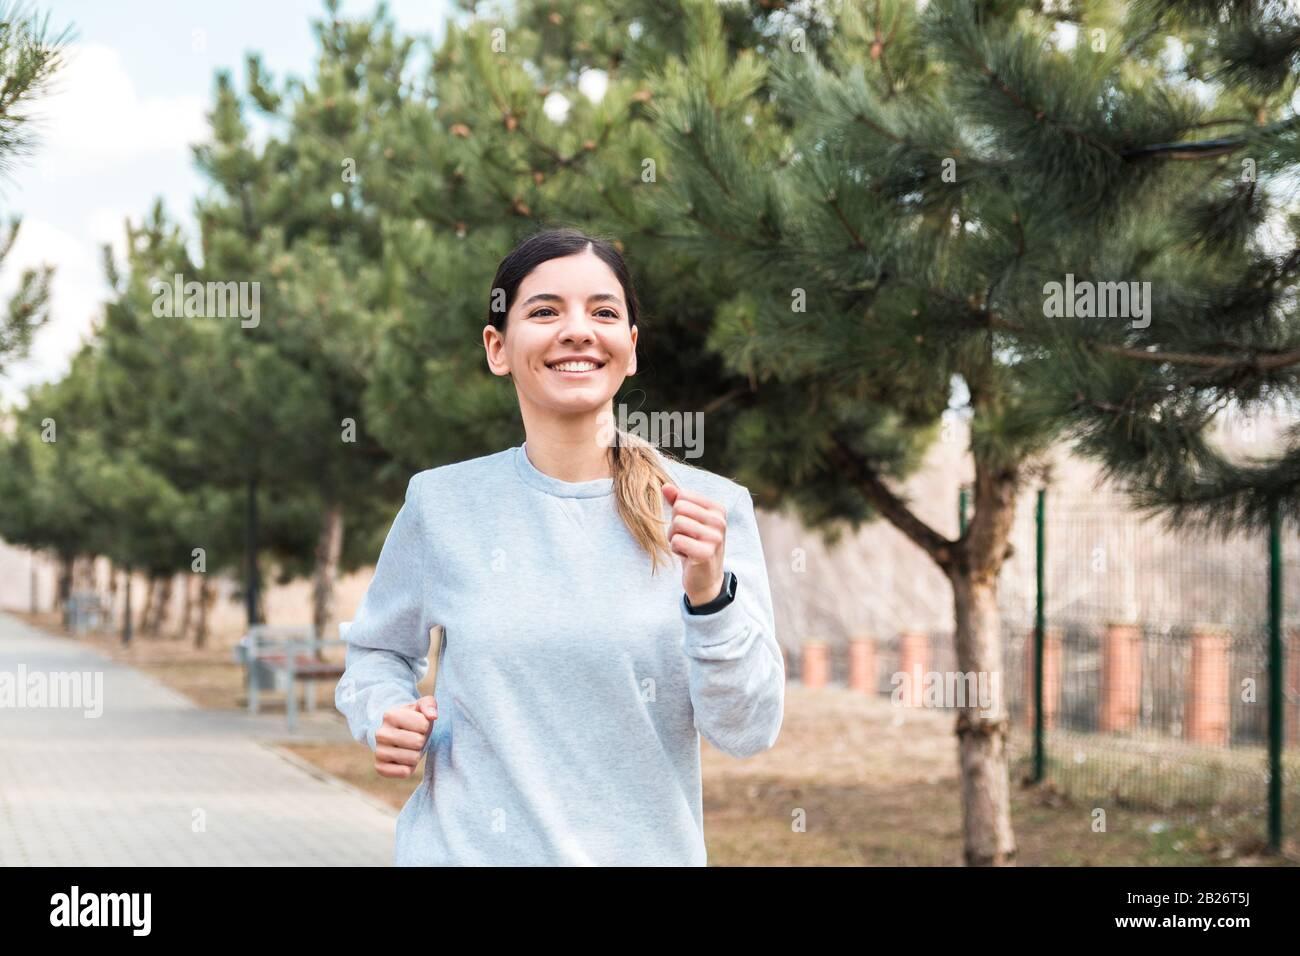 un style de vie sain. une jolie femme enjouée dans le parc avec des pins le matin Banque D'Images